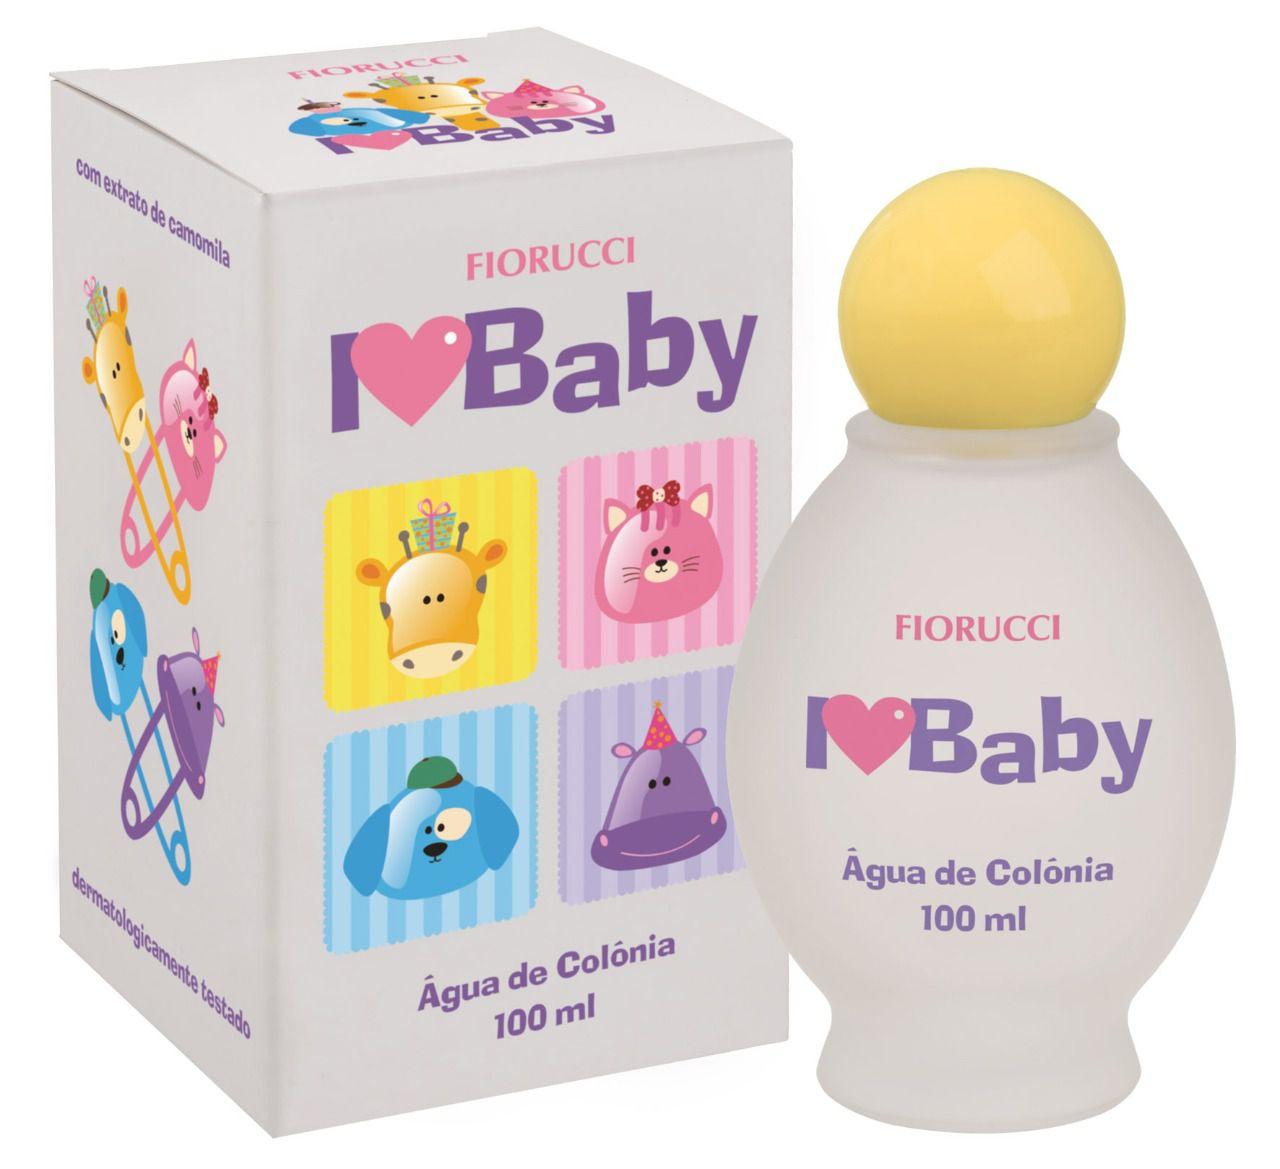 Kit Cobertor bebe + Água de Colonia Baby